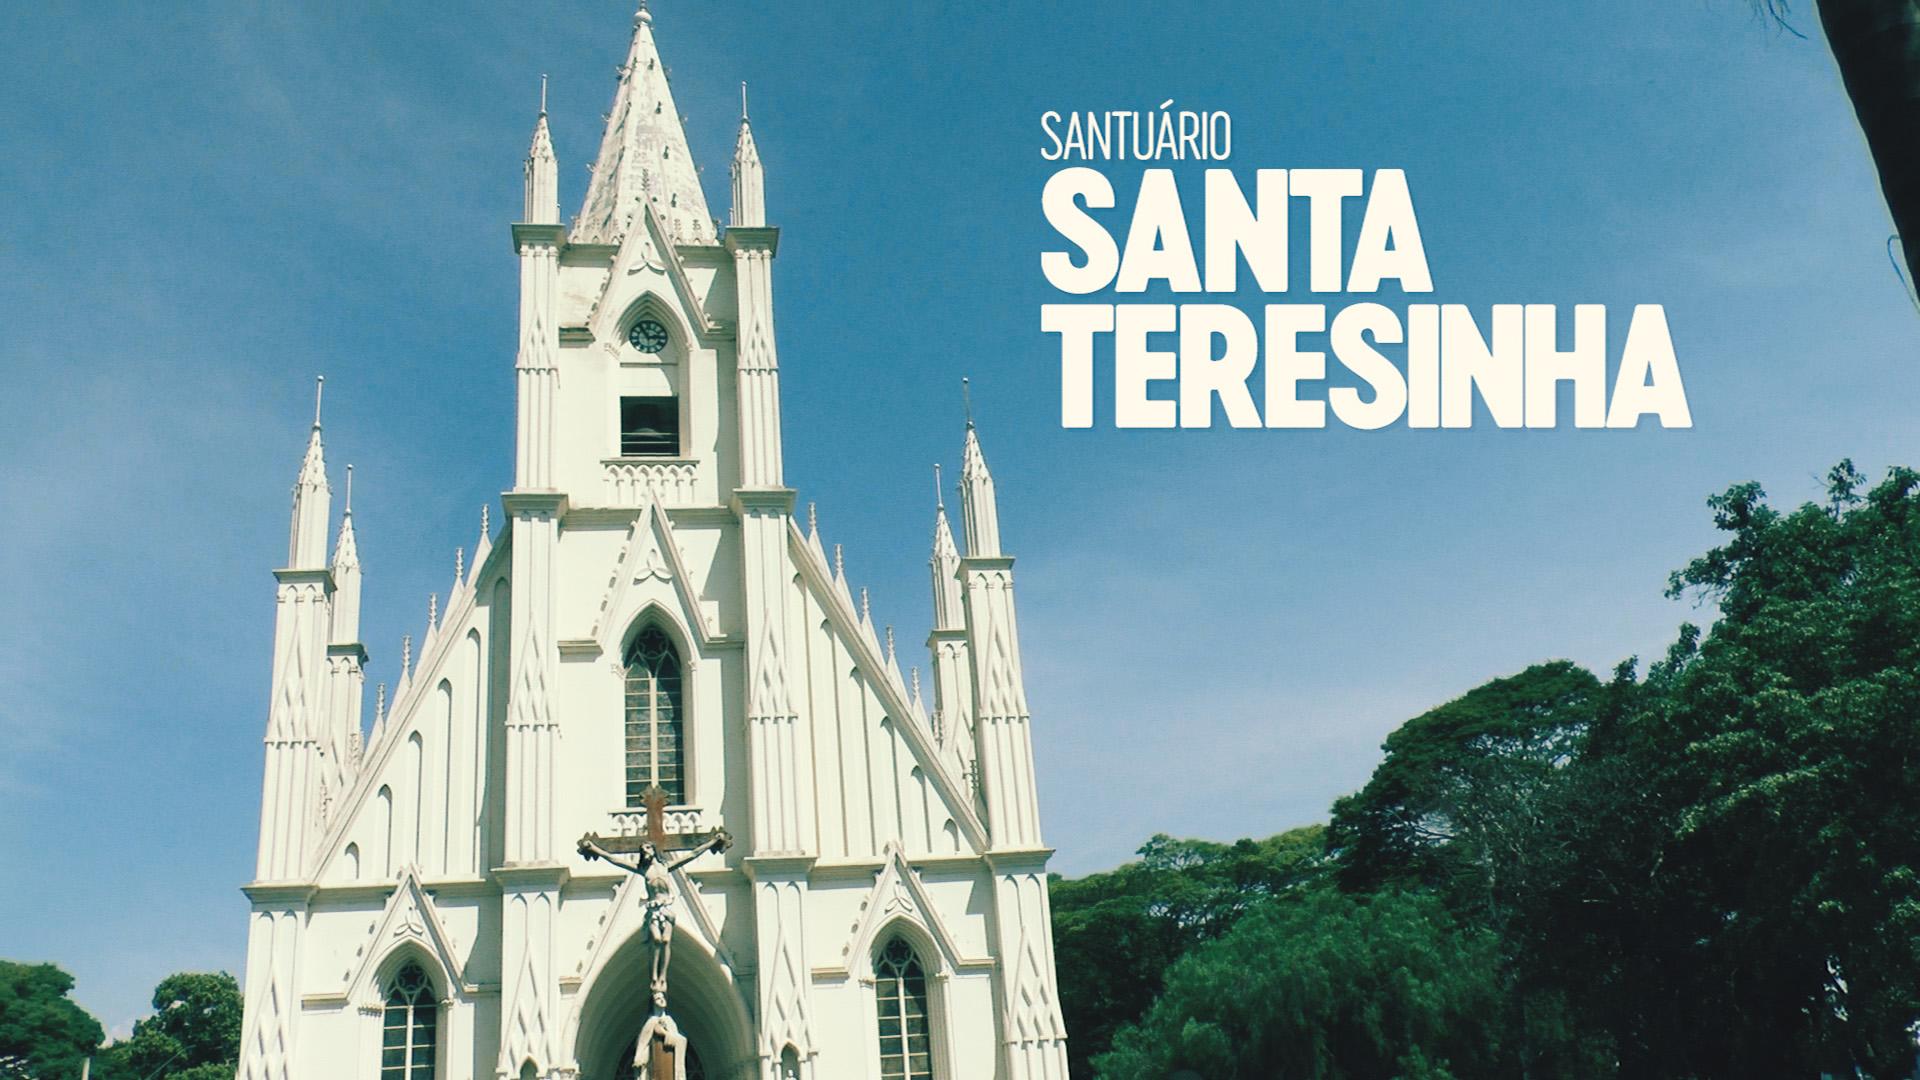 Santuário Santa Teresinha – Rever Produções